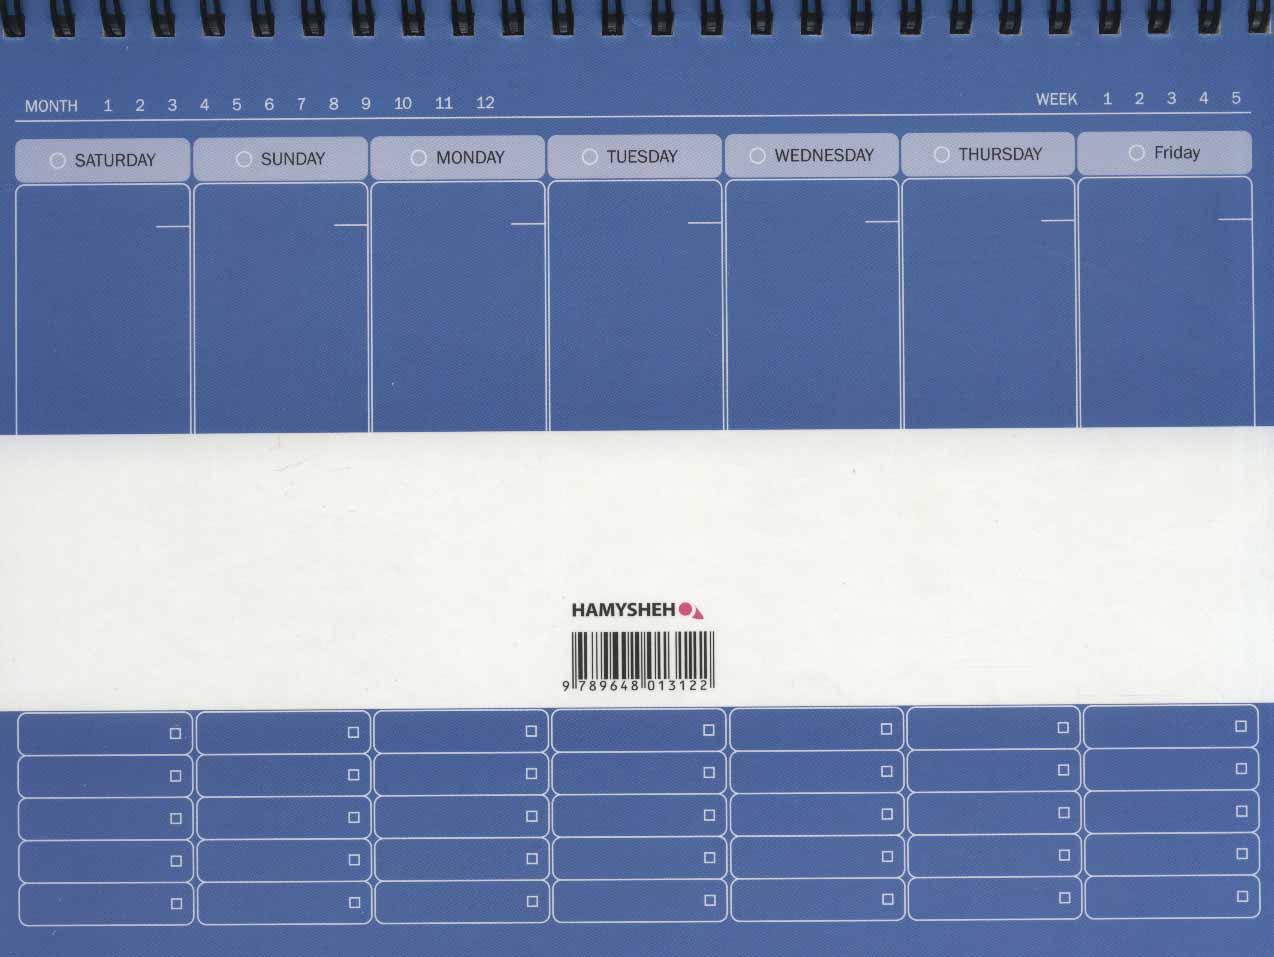 دفتر یادداشت خط دار برنامه ریزی هفتگی (WEEKLY PLANNER)،(کد 3122)،(سیمی)